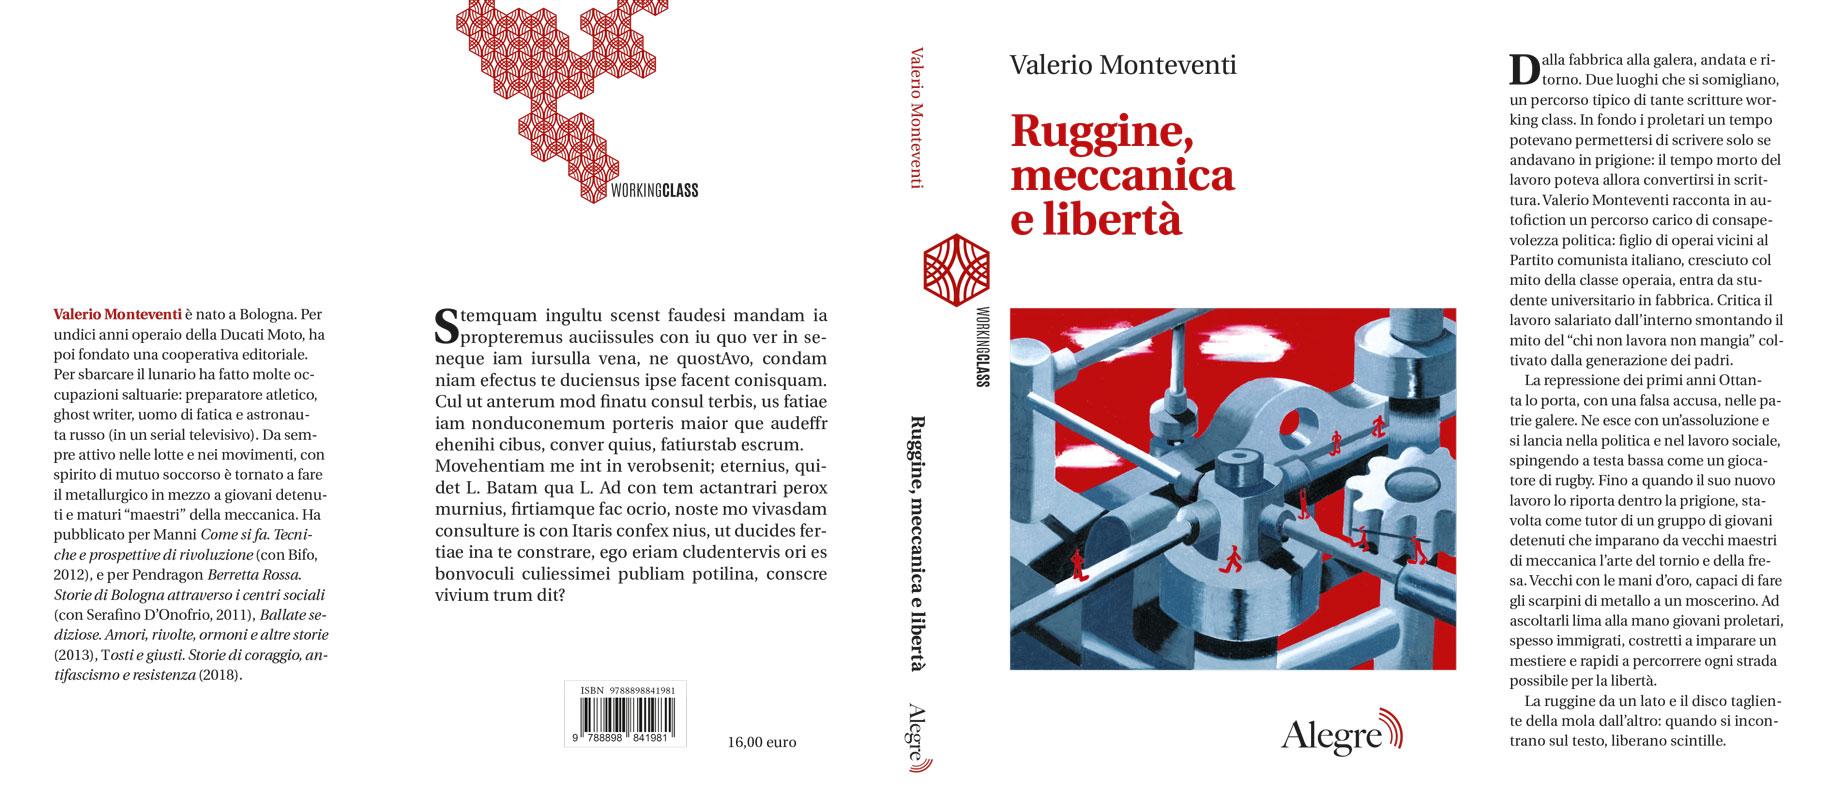 Valerio Monteventi, Ruggine, meccanica e libertà, stesa